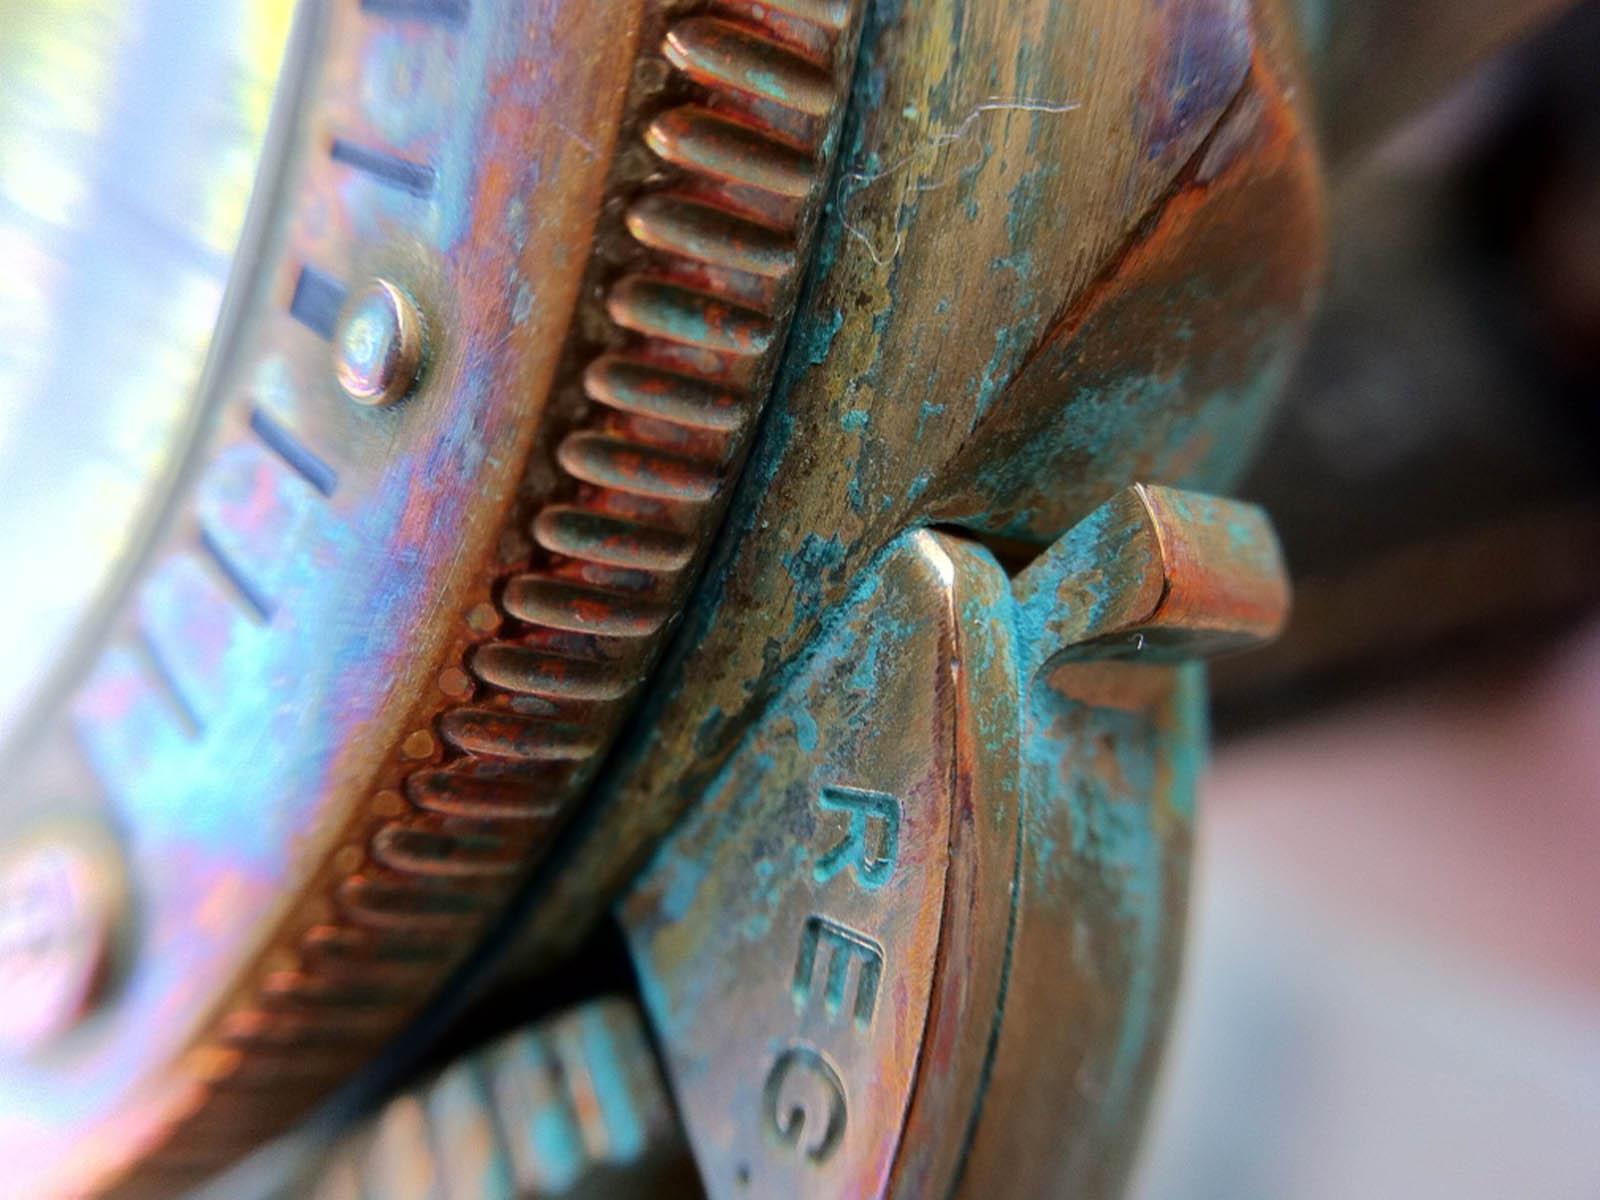 how-to-restore-your-bronze-watch-2.jpg